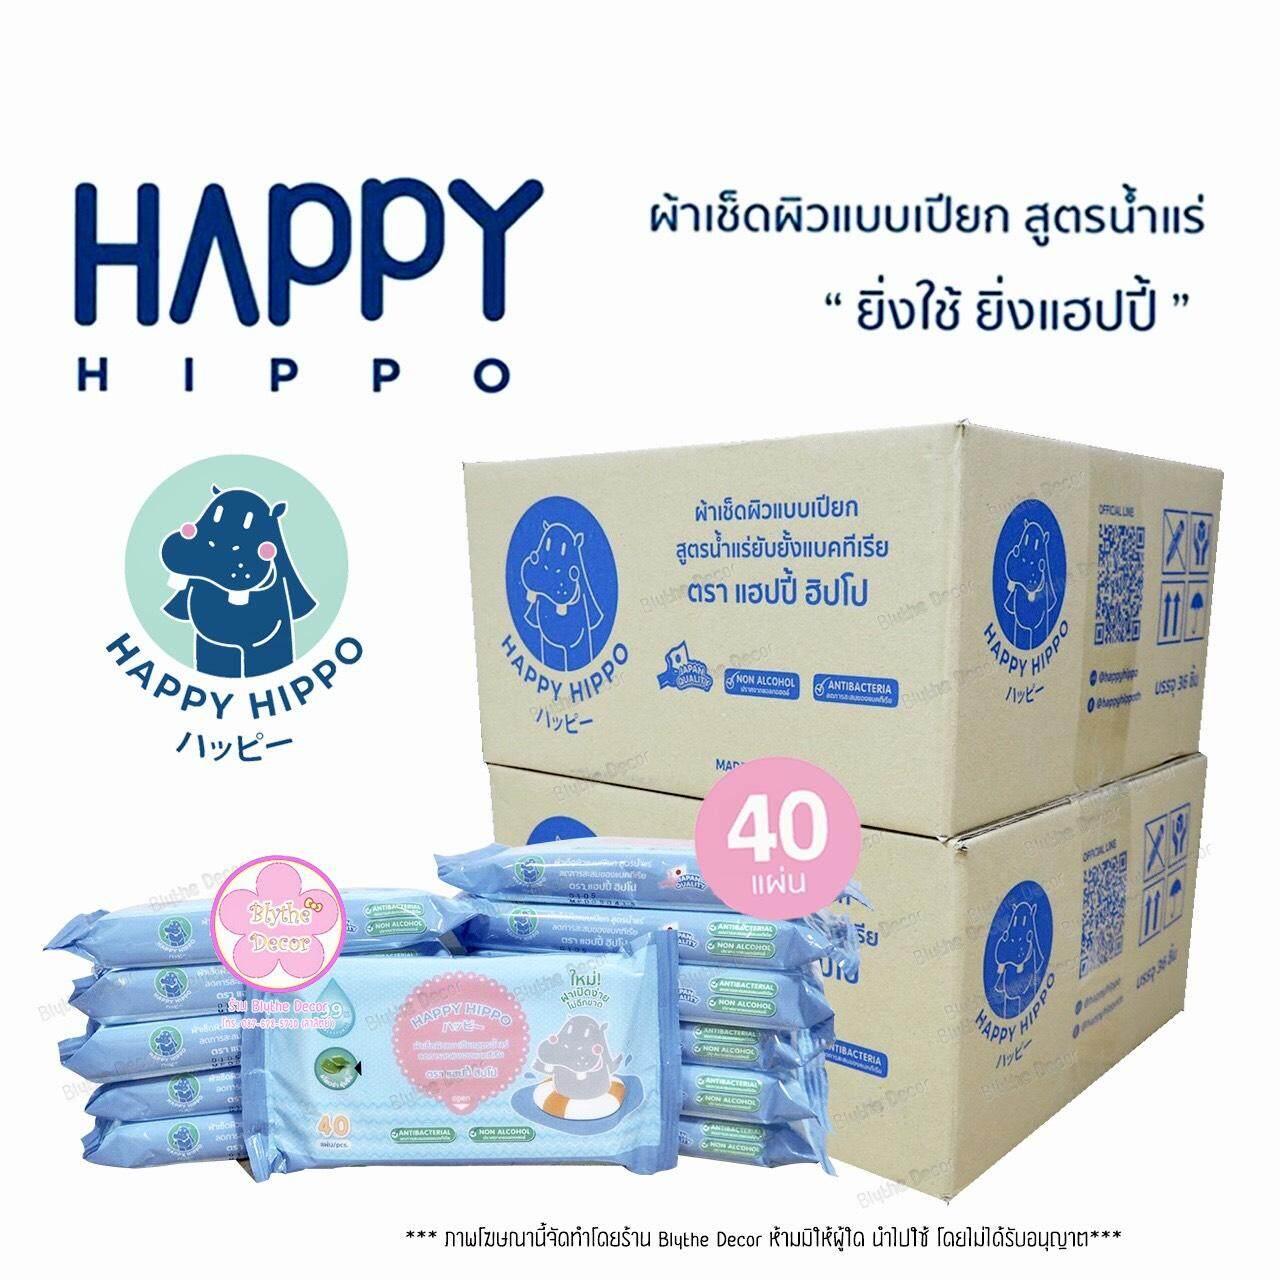 [ยกลัง] 36 ห่อ = 1440 แผ่น ทิชชู่เปียกสูตรน้ำแร่สำหรับเด็ก HAPPY HIPPO Mineral baby wipes สูตรอ่อนโยน